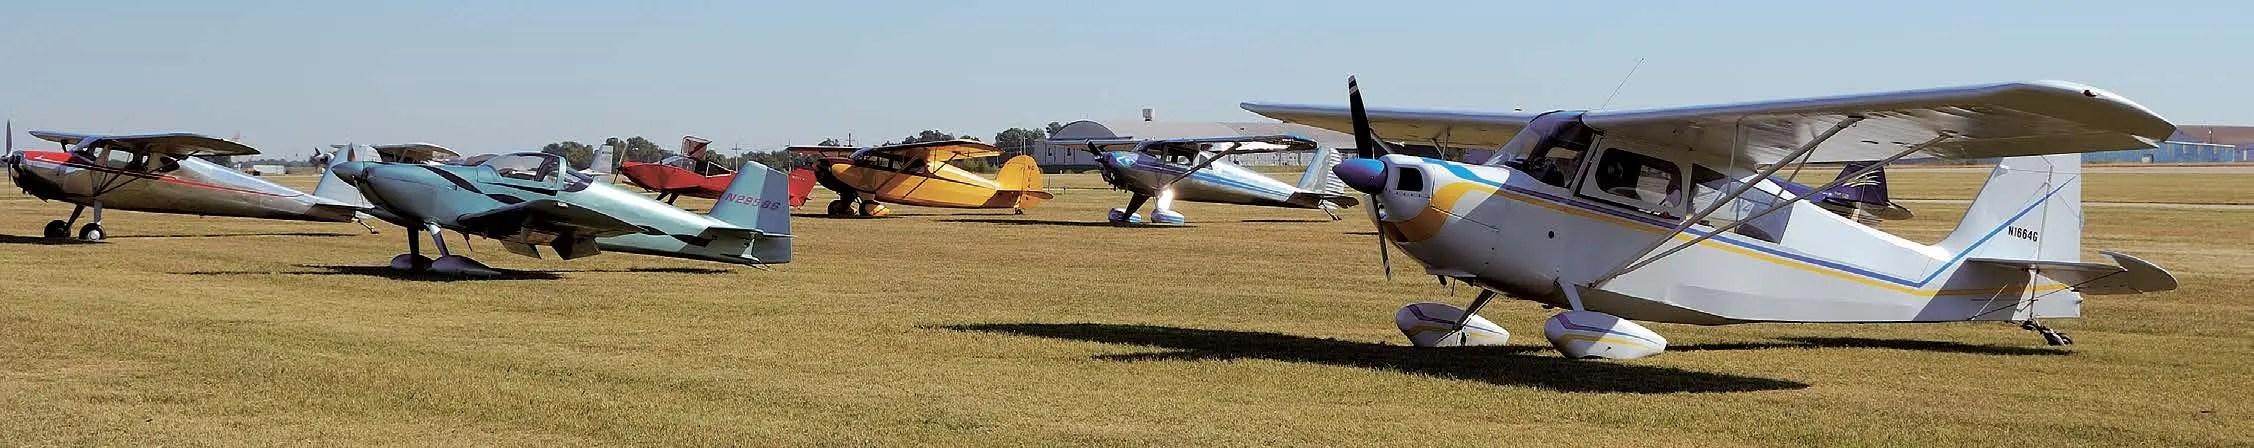 Aviation Archives Ride Oklahoma